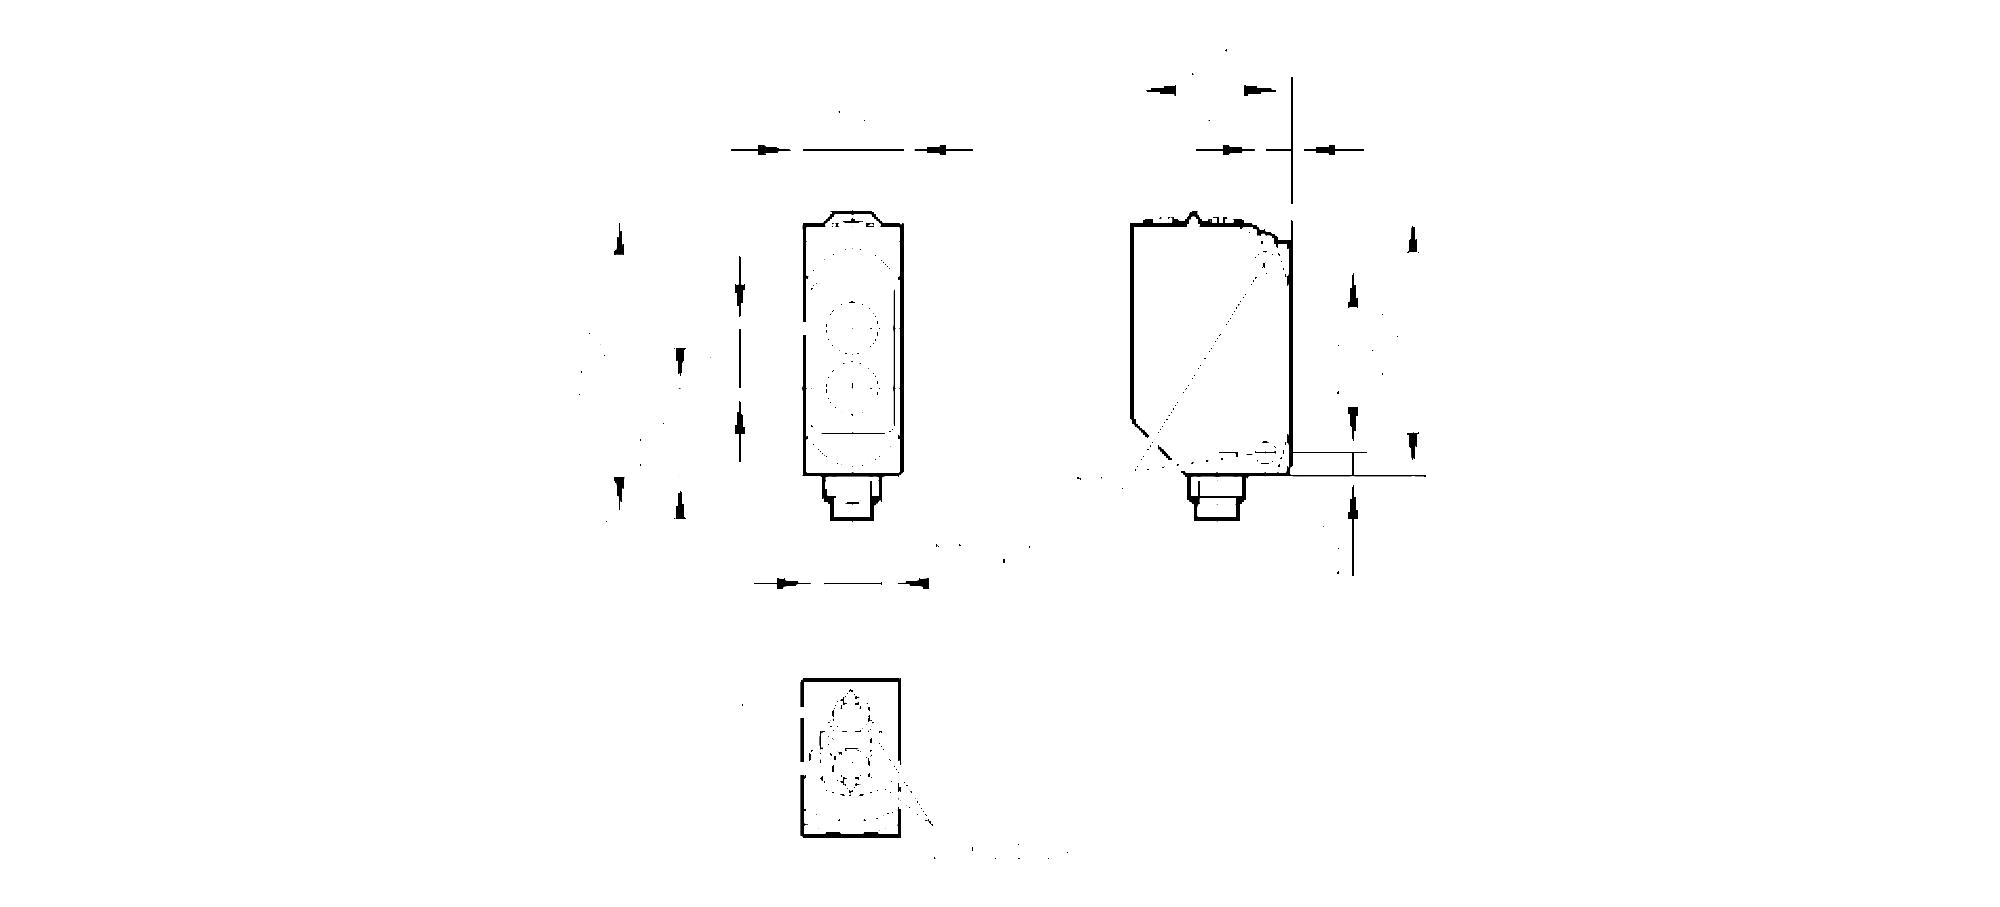 o6p302 - fotocellula reflex